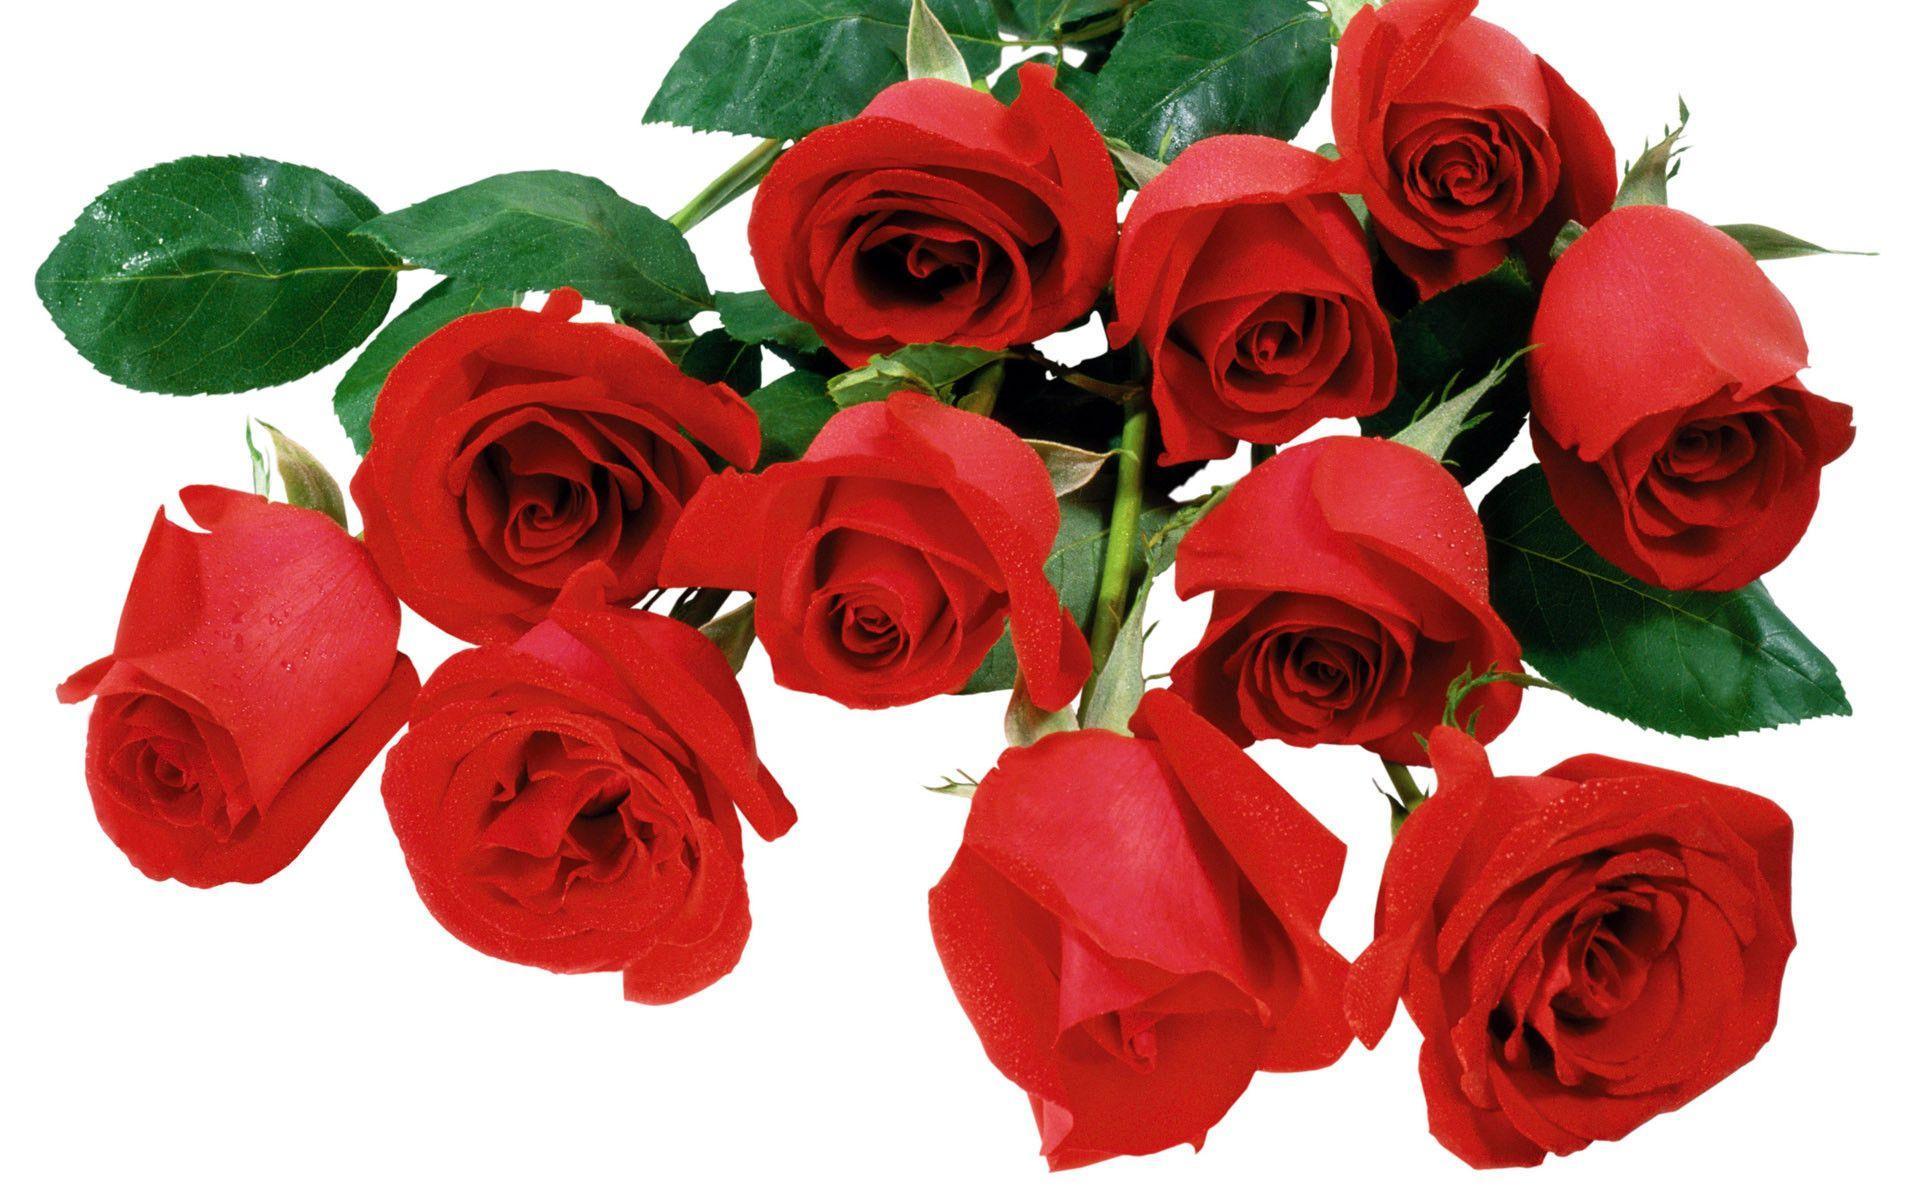 red rose wallpapers desktop - wallpaper cave